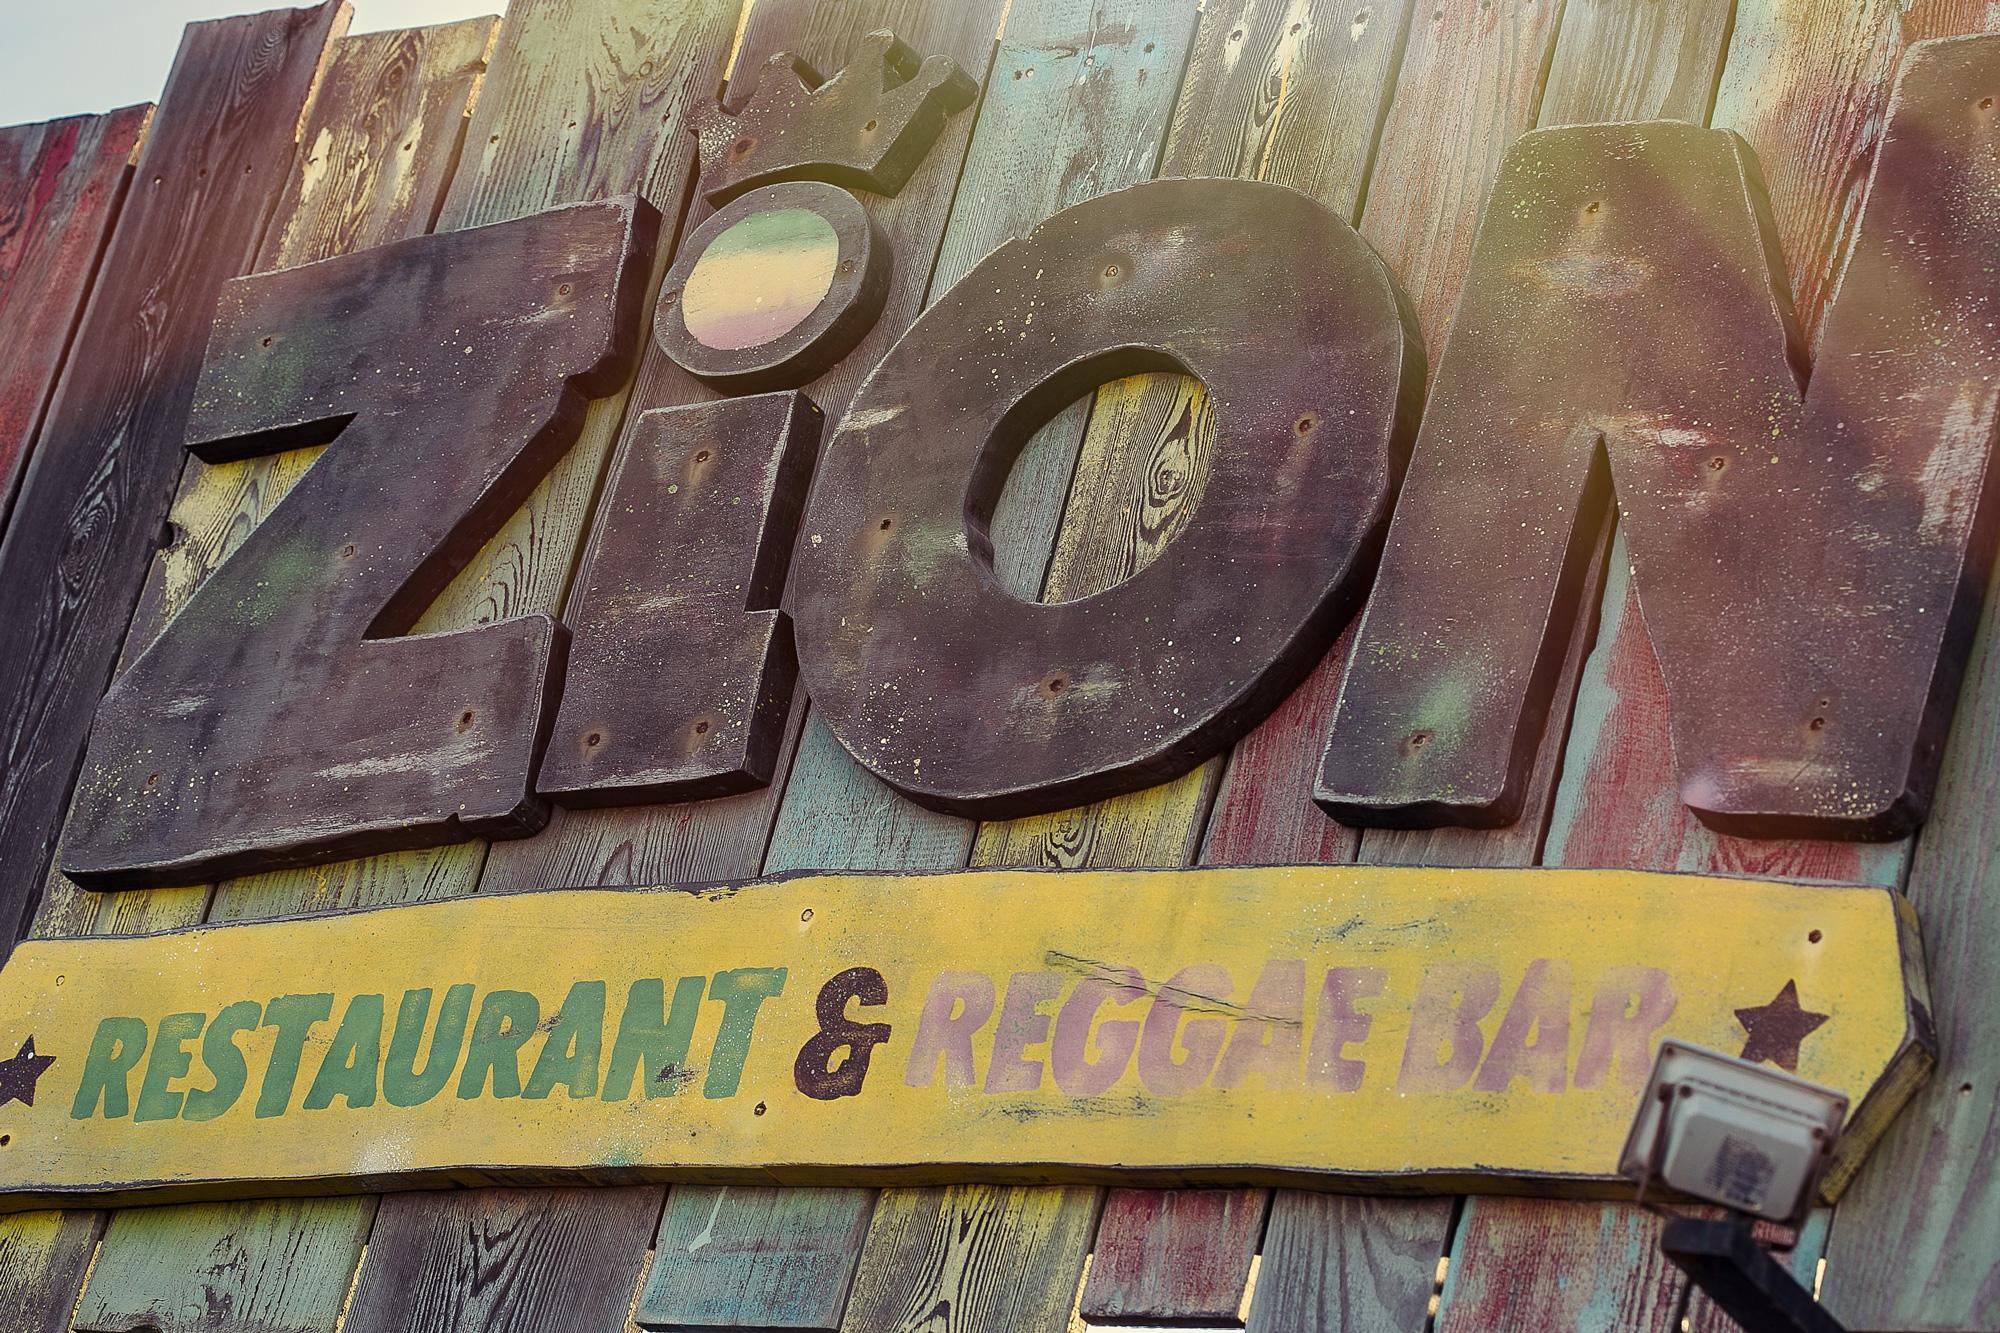 Zion reggae bar kitchen